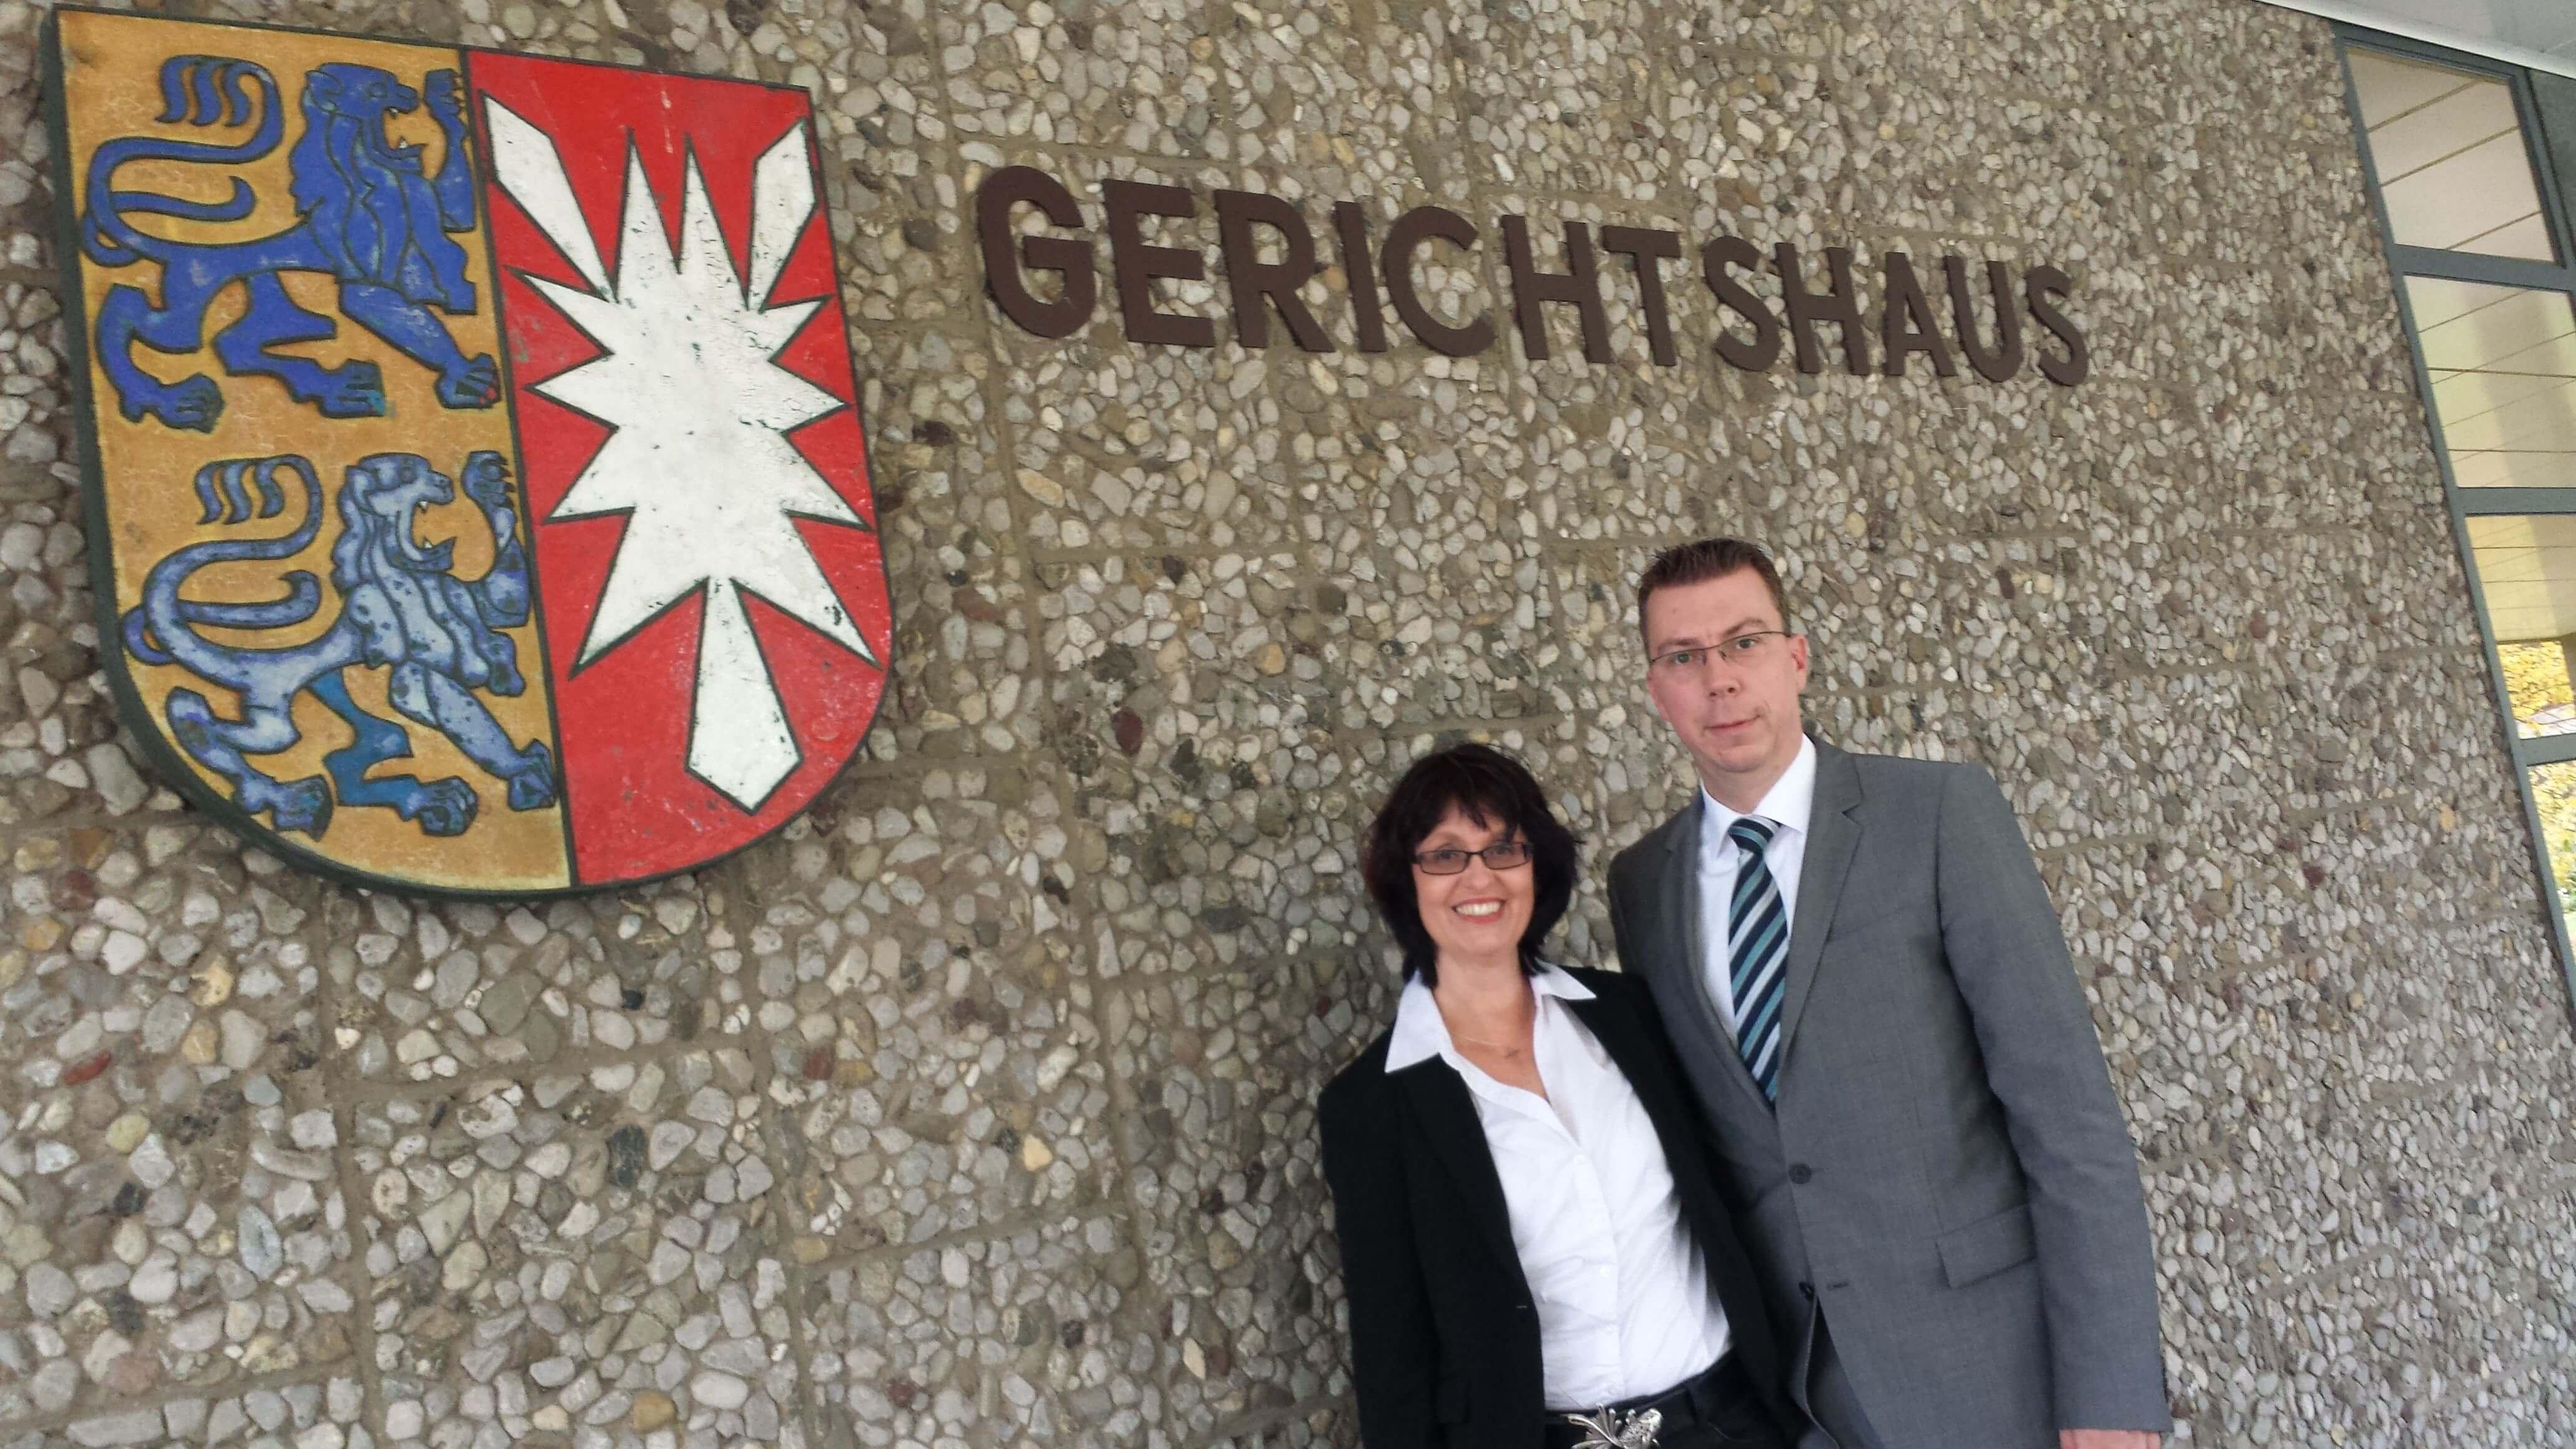 Unser Triumph am 26. Oktober 2013 vor dem Amtsgericht Lübeck